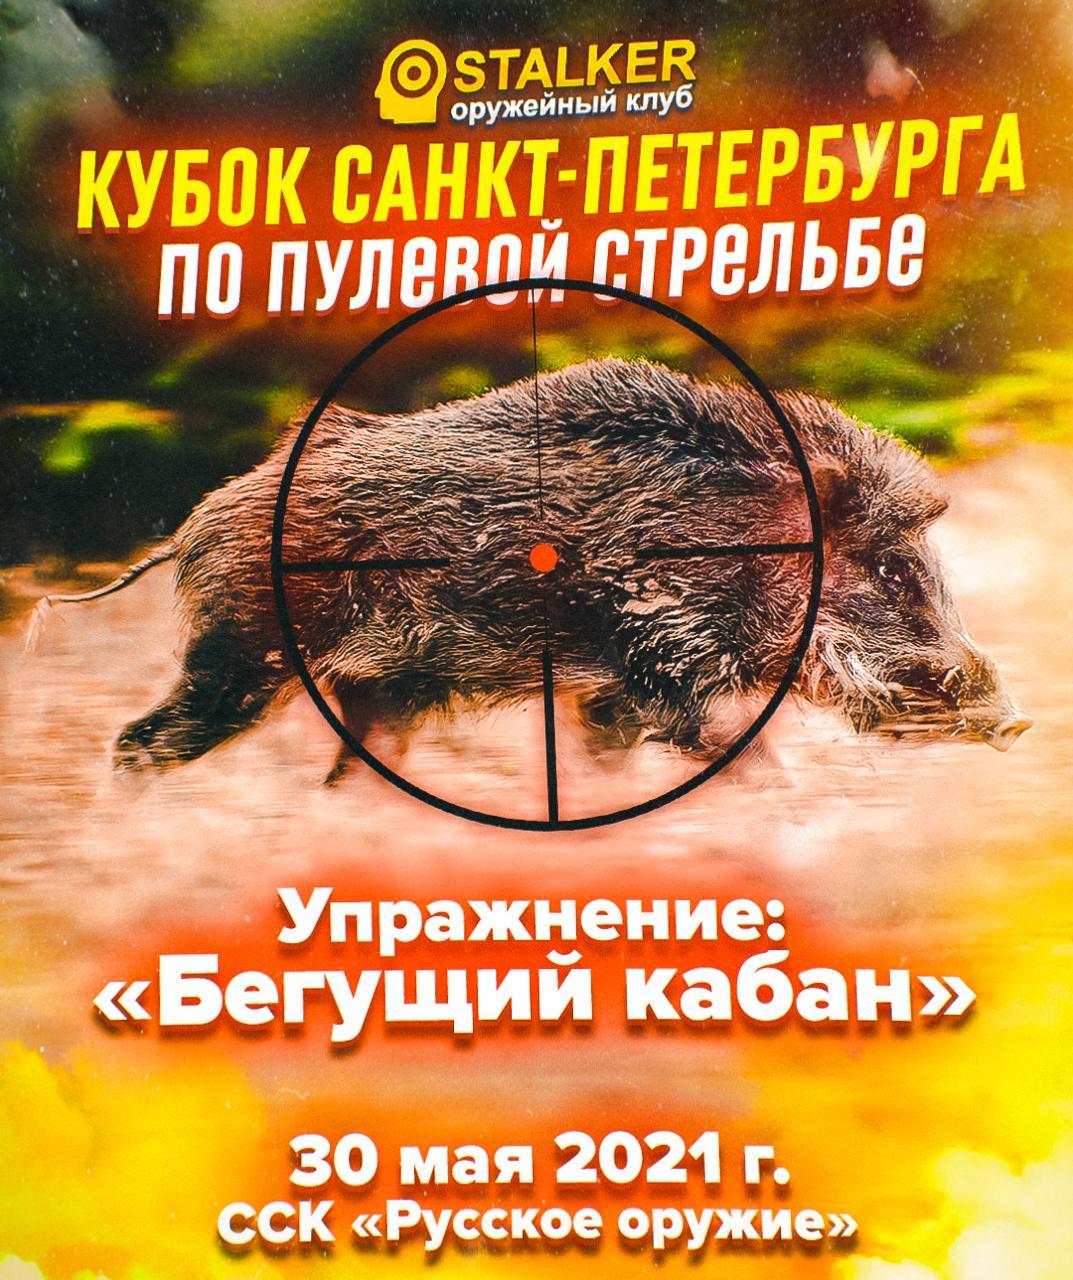 Результаты пулевого турнира 30.05.2021 г